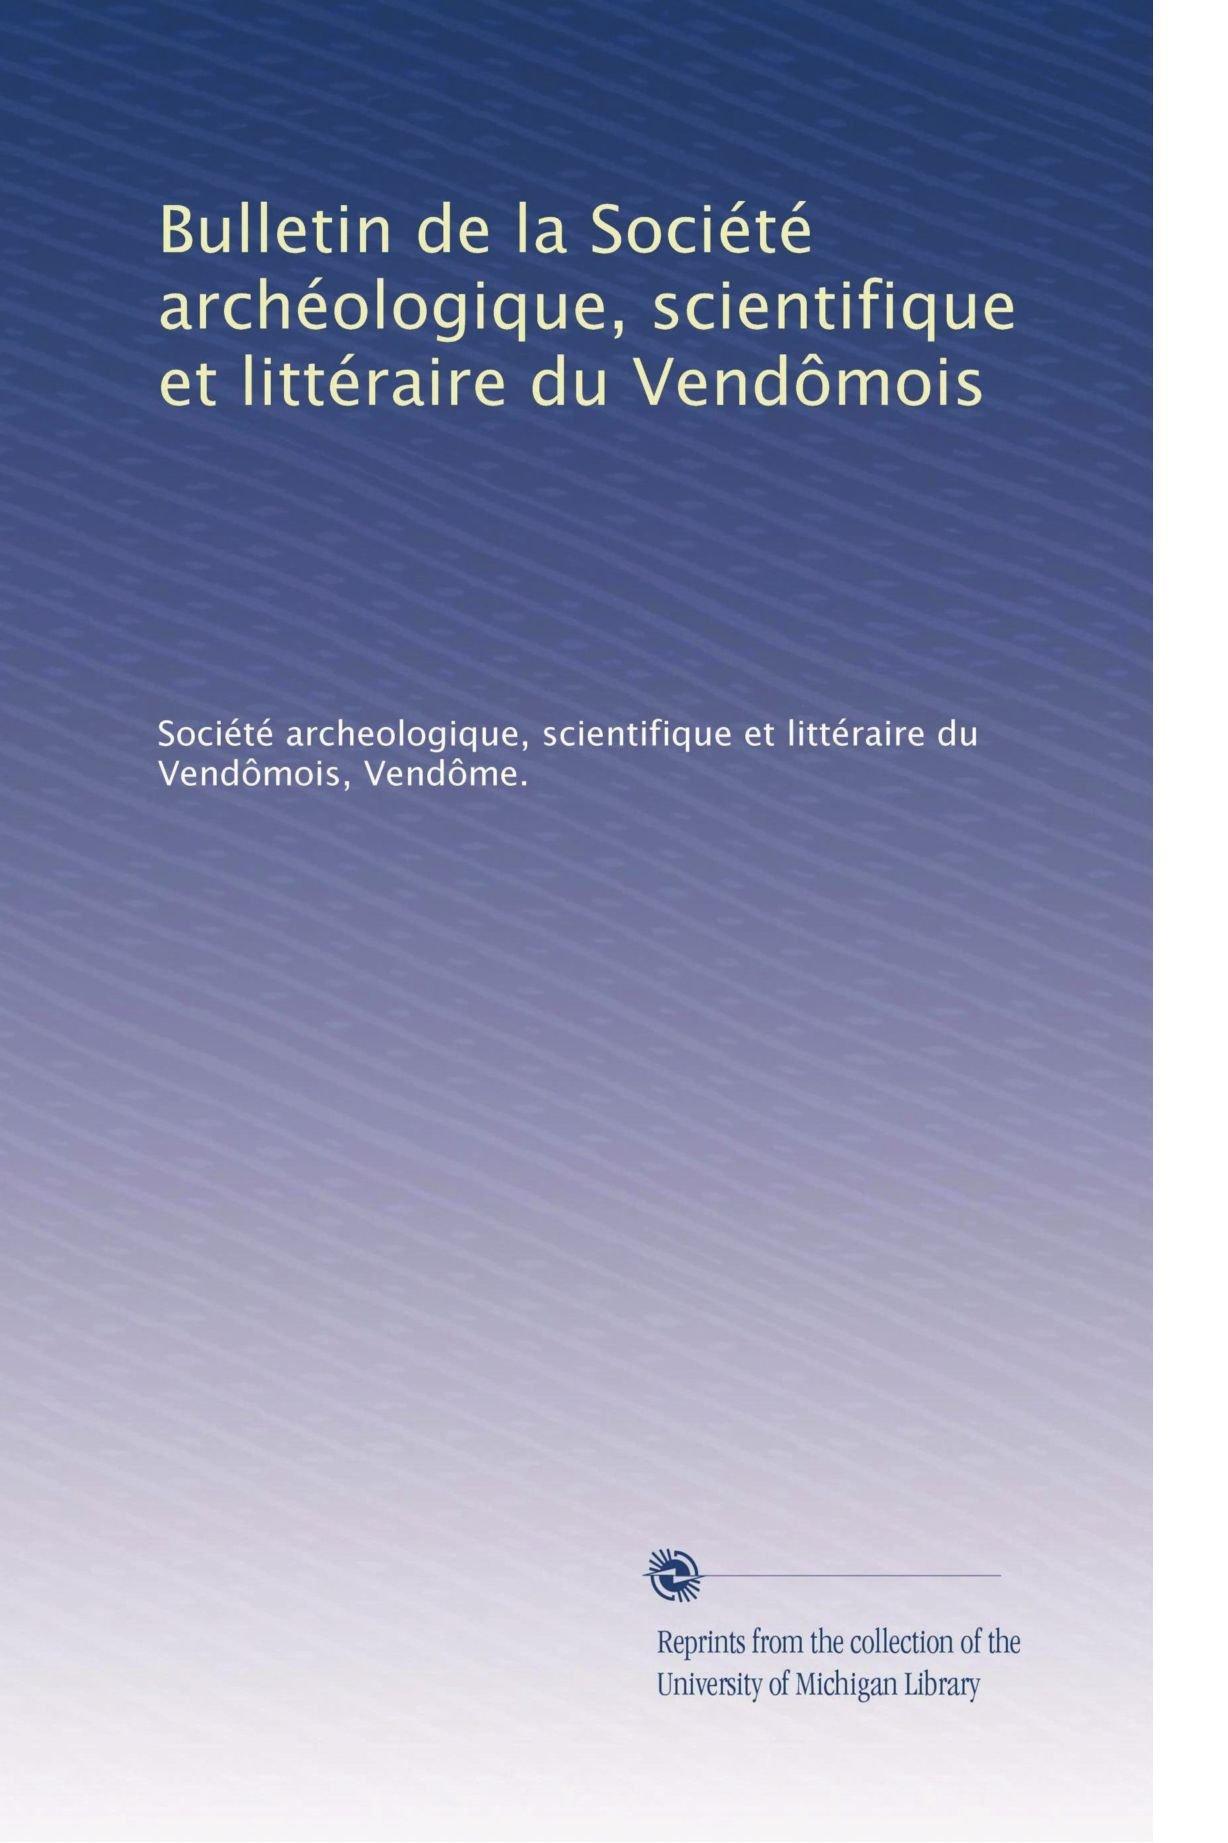 Download Bulletin de la Société archéologique, scientifique et littéraire du Vendômois (Volume 38) (French Edition) PDF